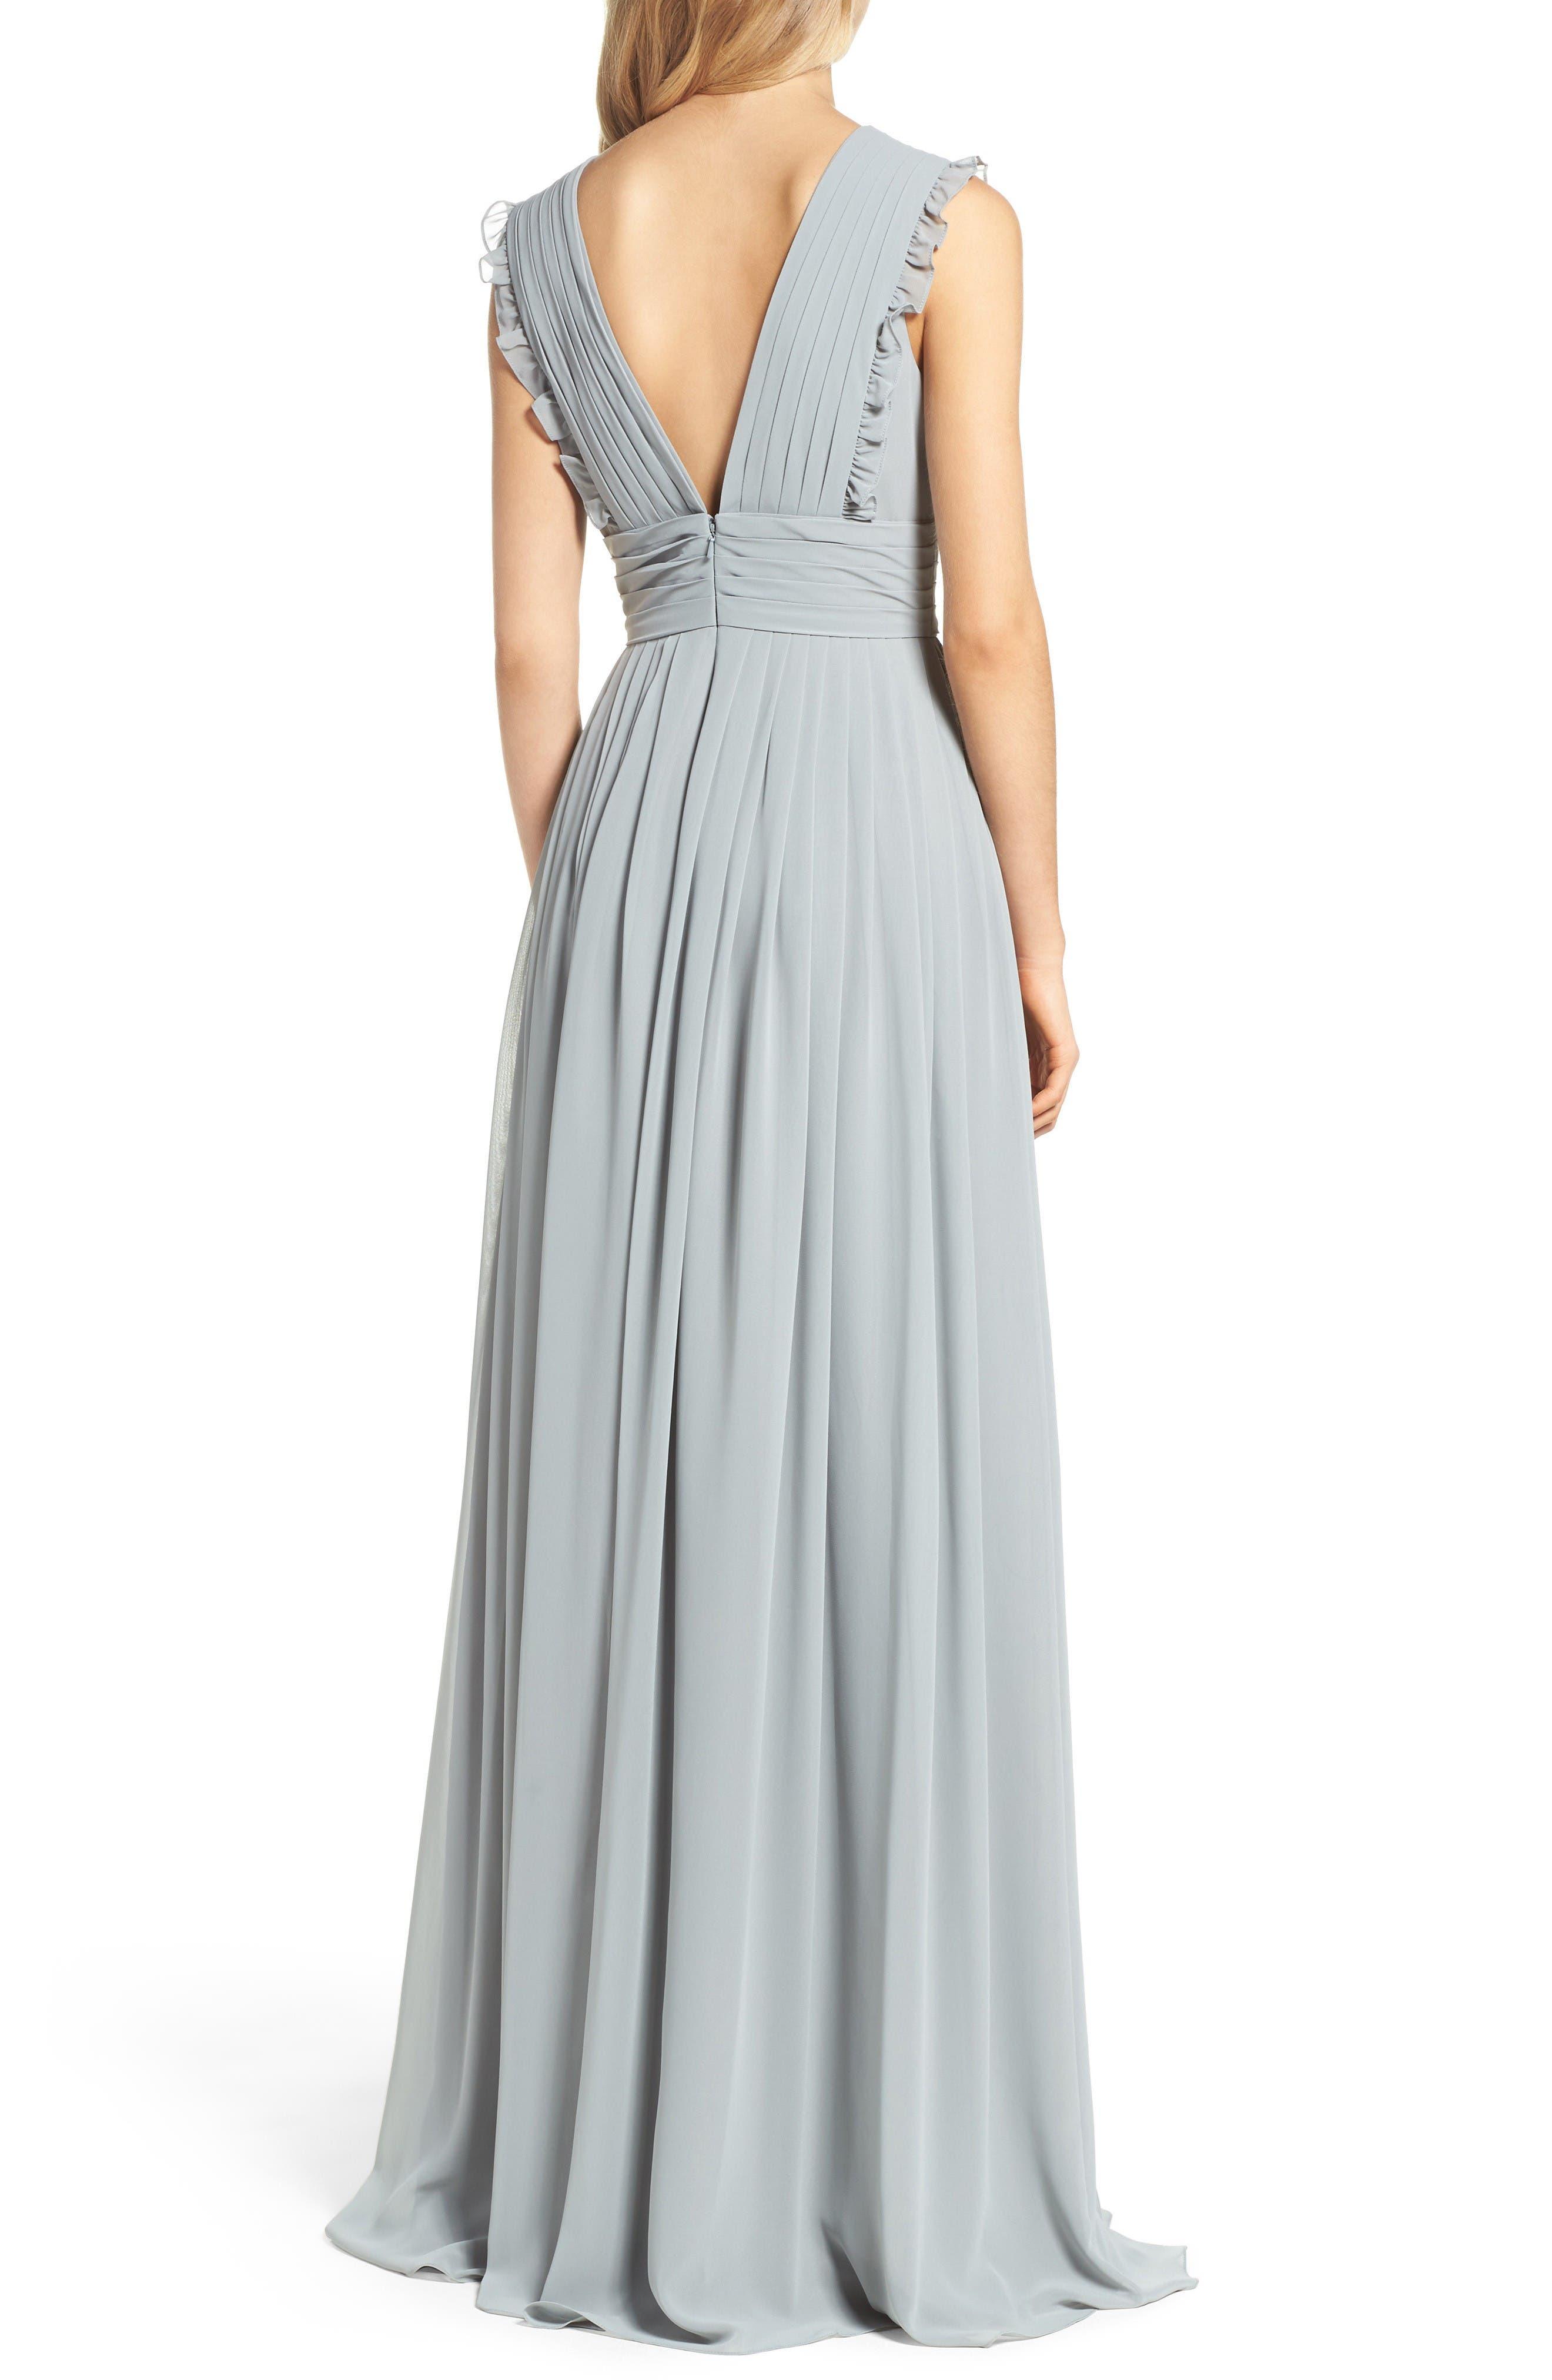 Alternate Image 2  - Monique Lhuillier Bridesmaids Deep V-Neck Ruffle Pleat Chiffon Gown